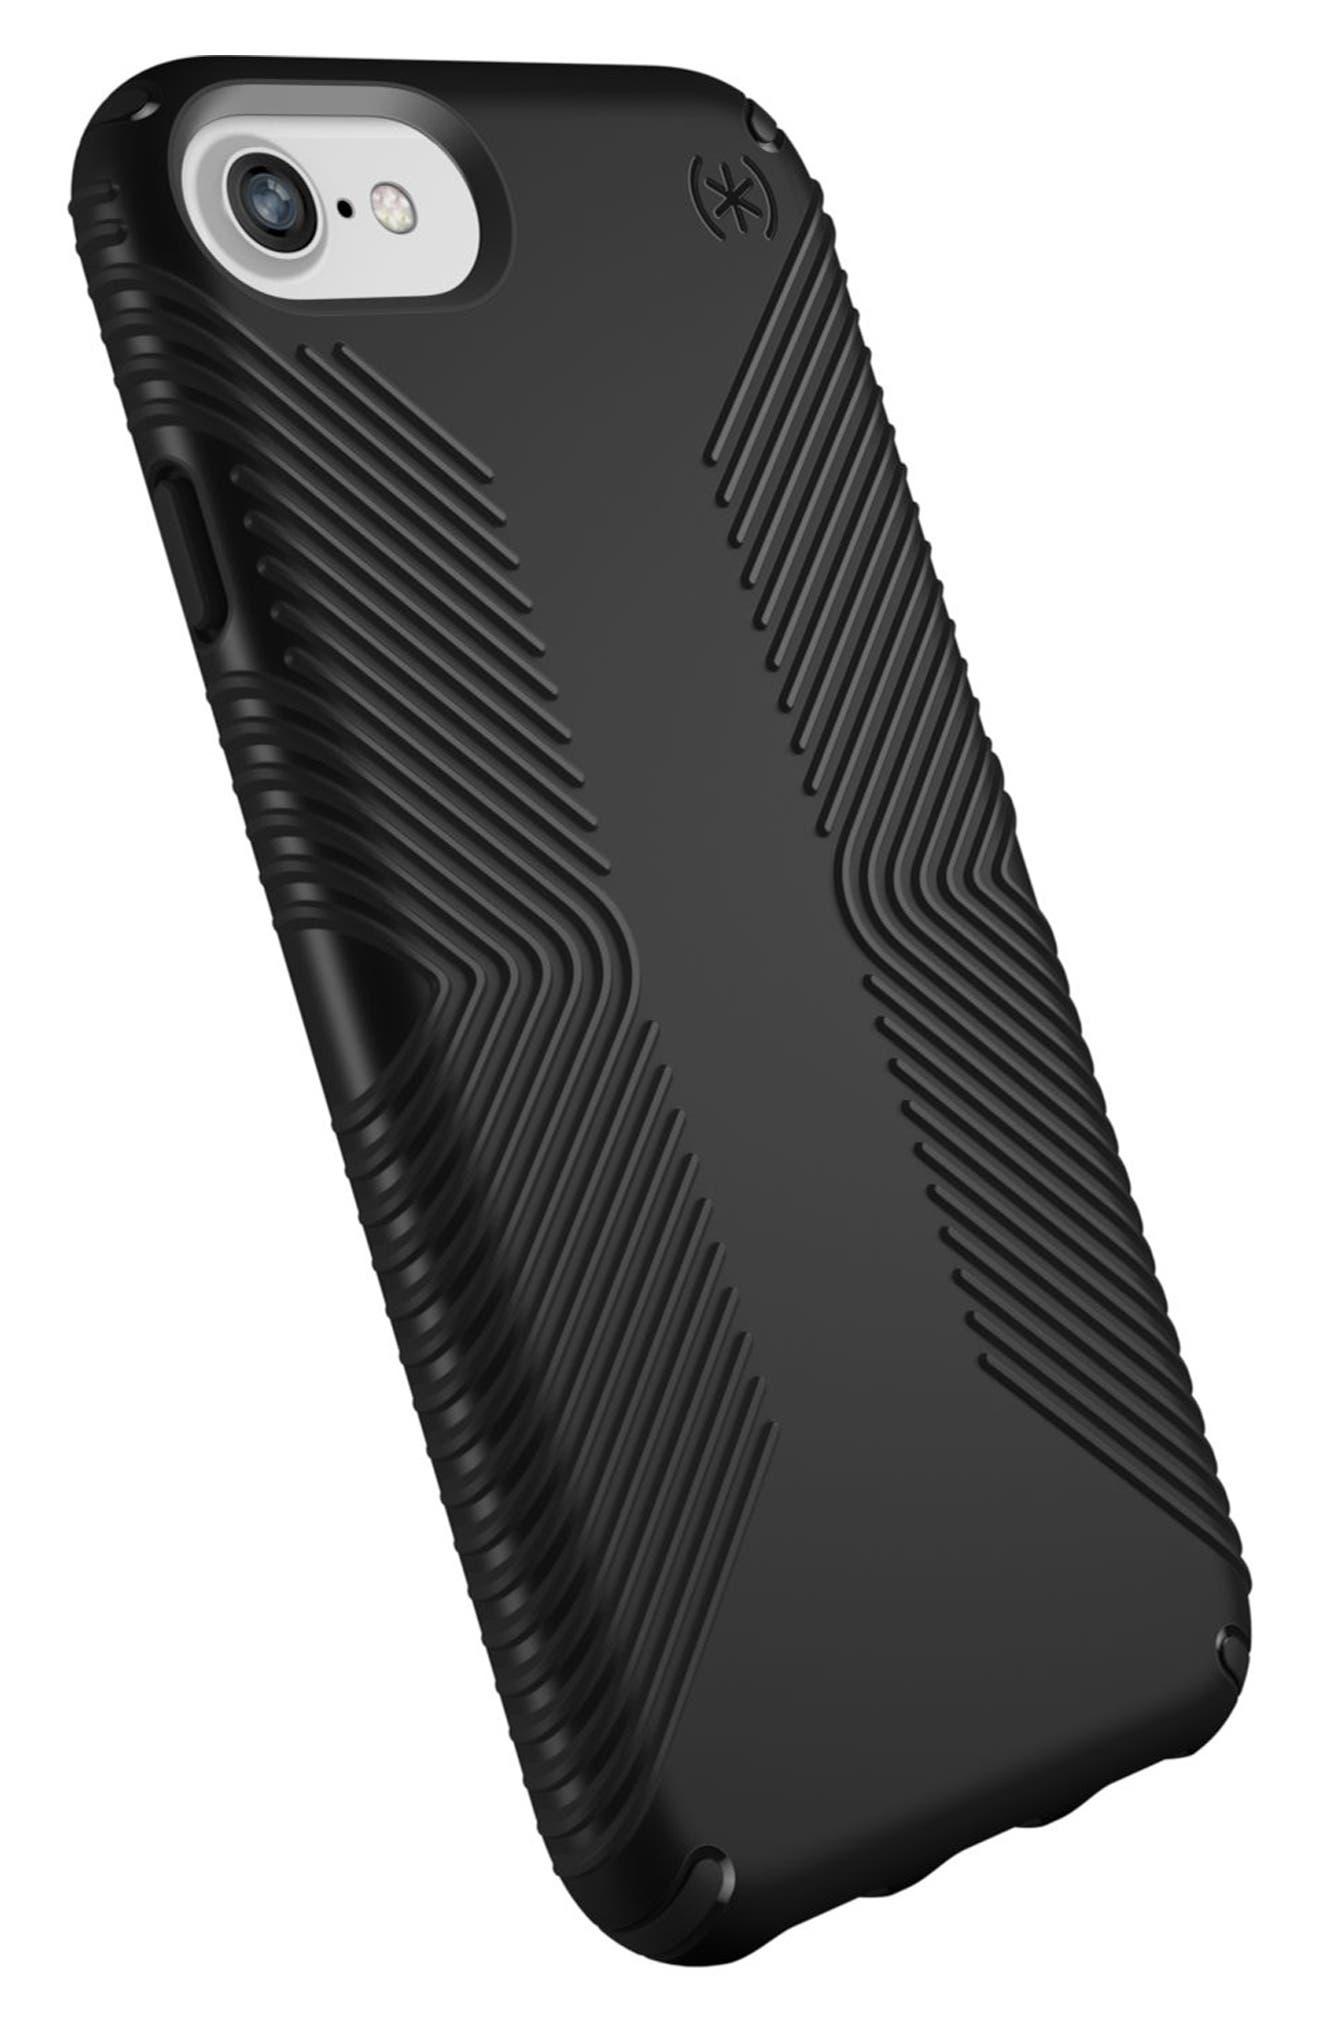 Grip iPhone 6/6s/7/8 Case,                             Alternate thumbnail 5, color,                             BLACK/ BLACK